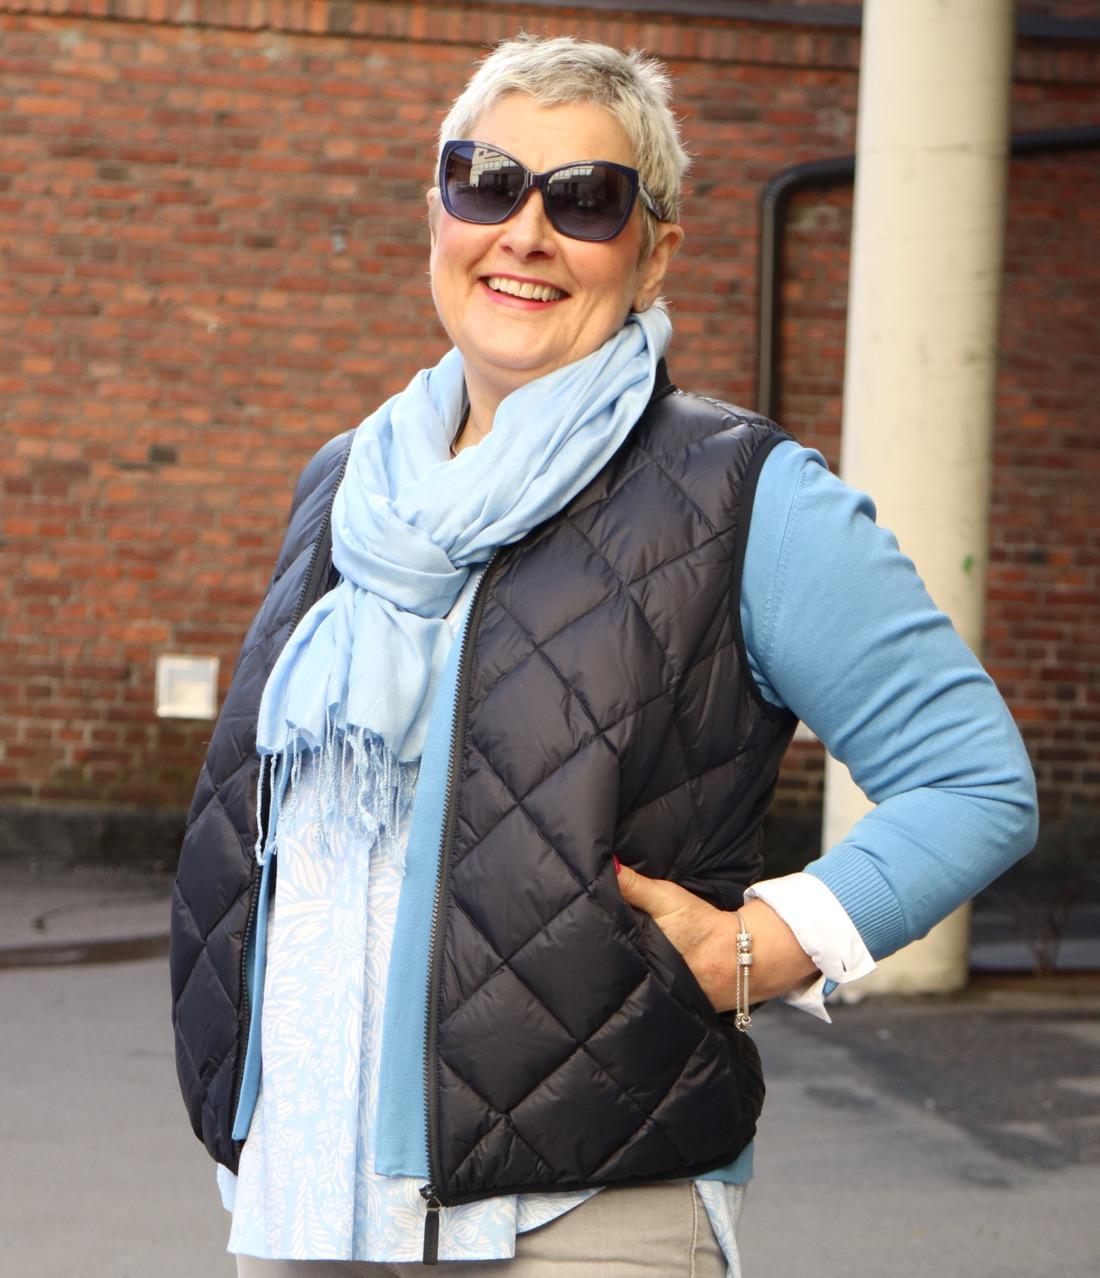 Maaliskuun nainen: 66-vuotias Maija